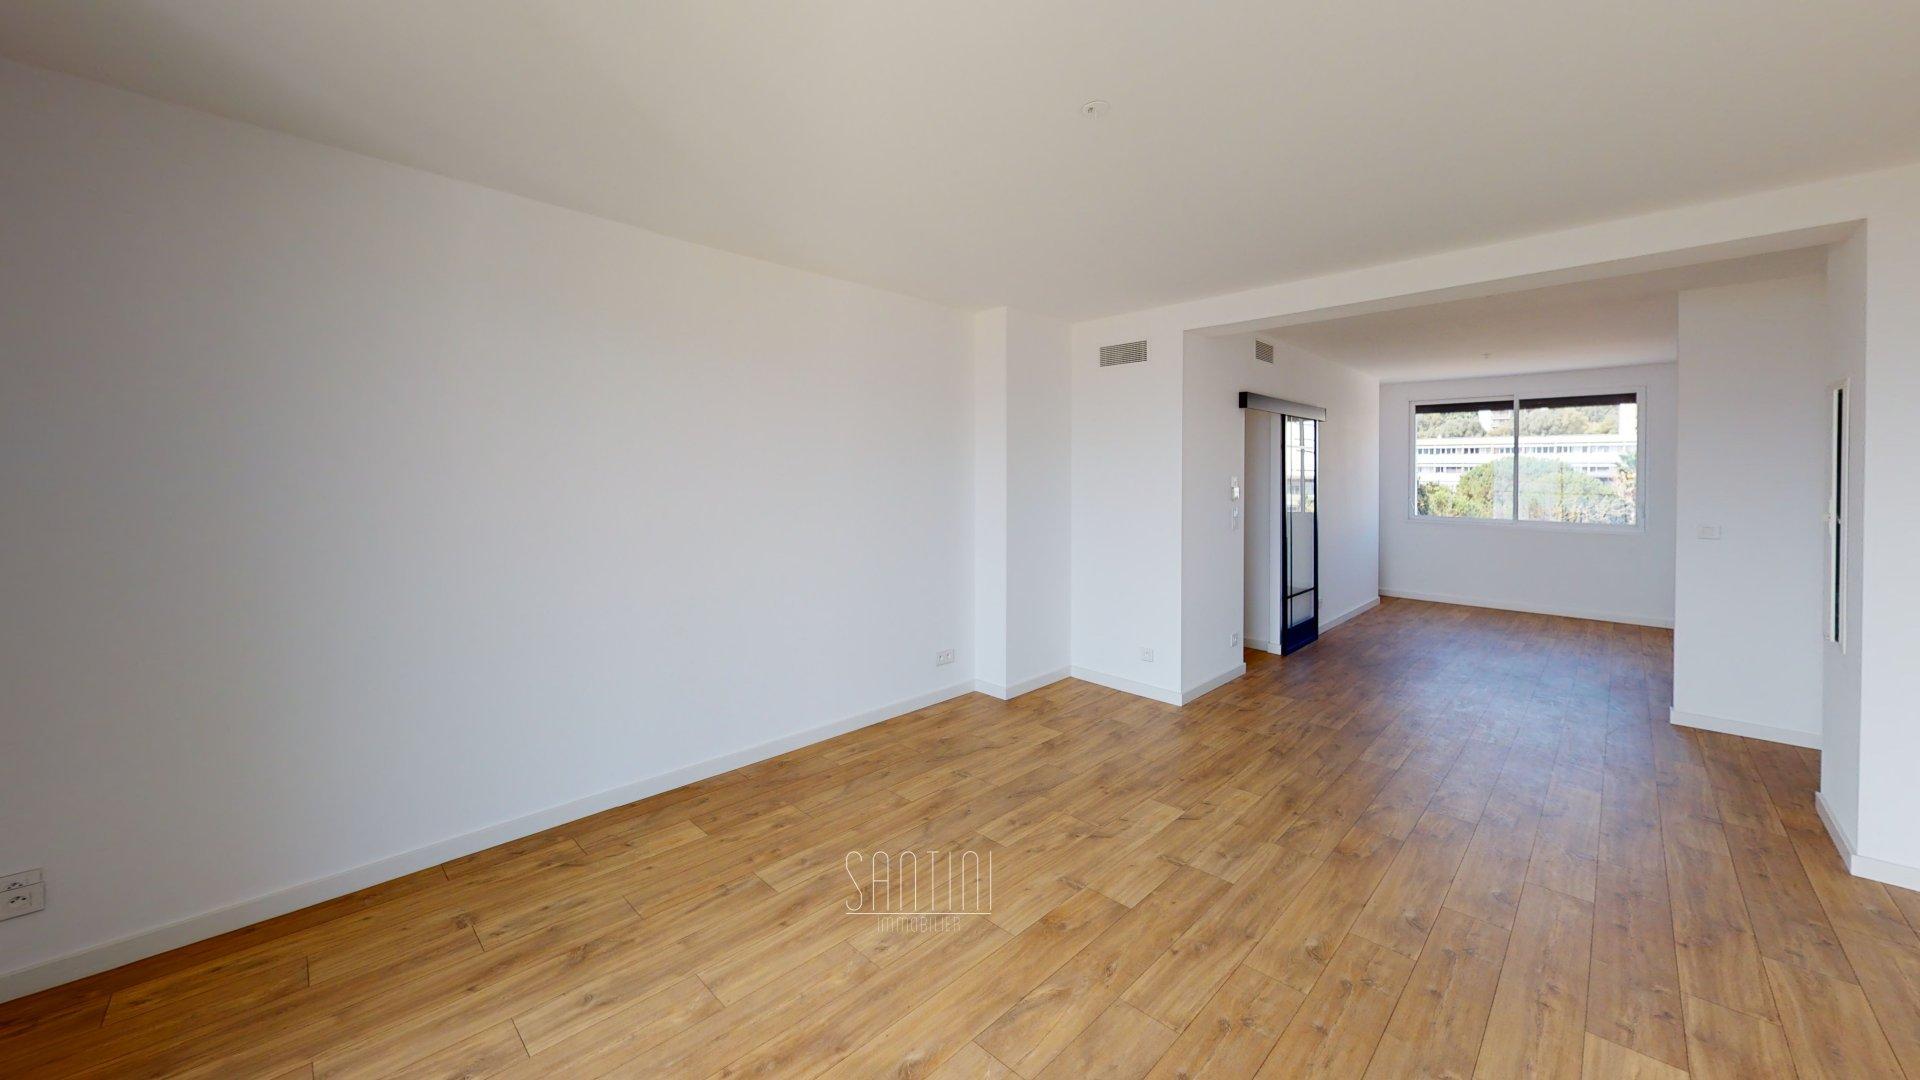 Appartement 3 pièces - Ajaccio